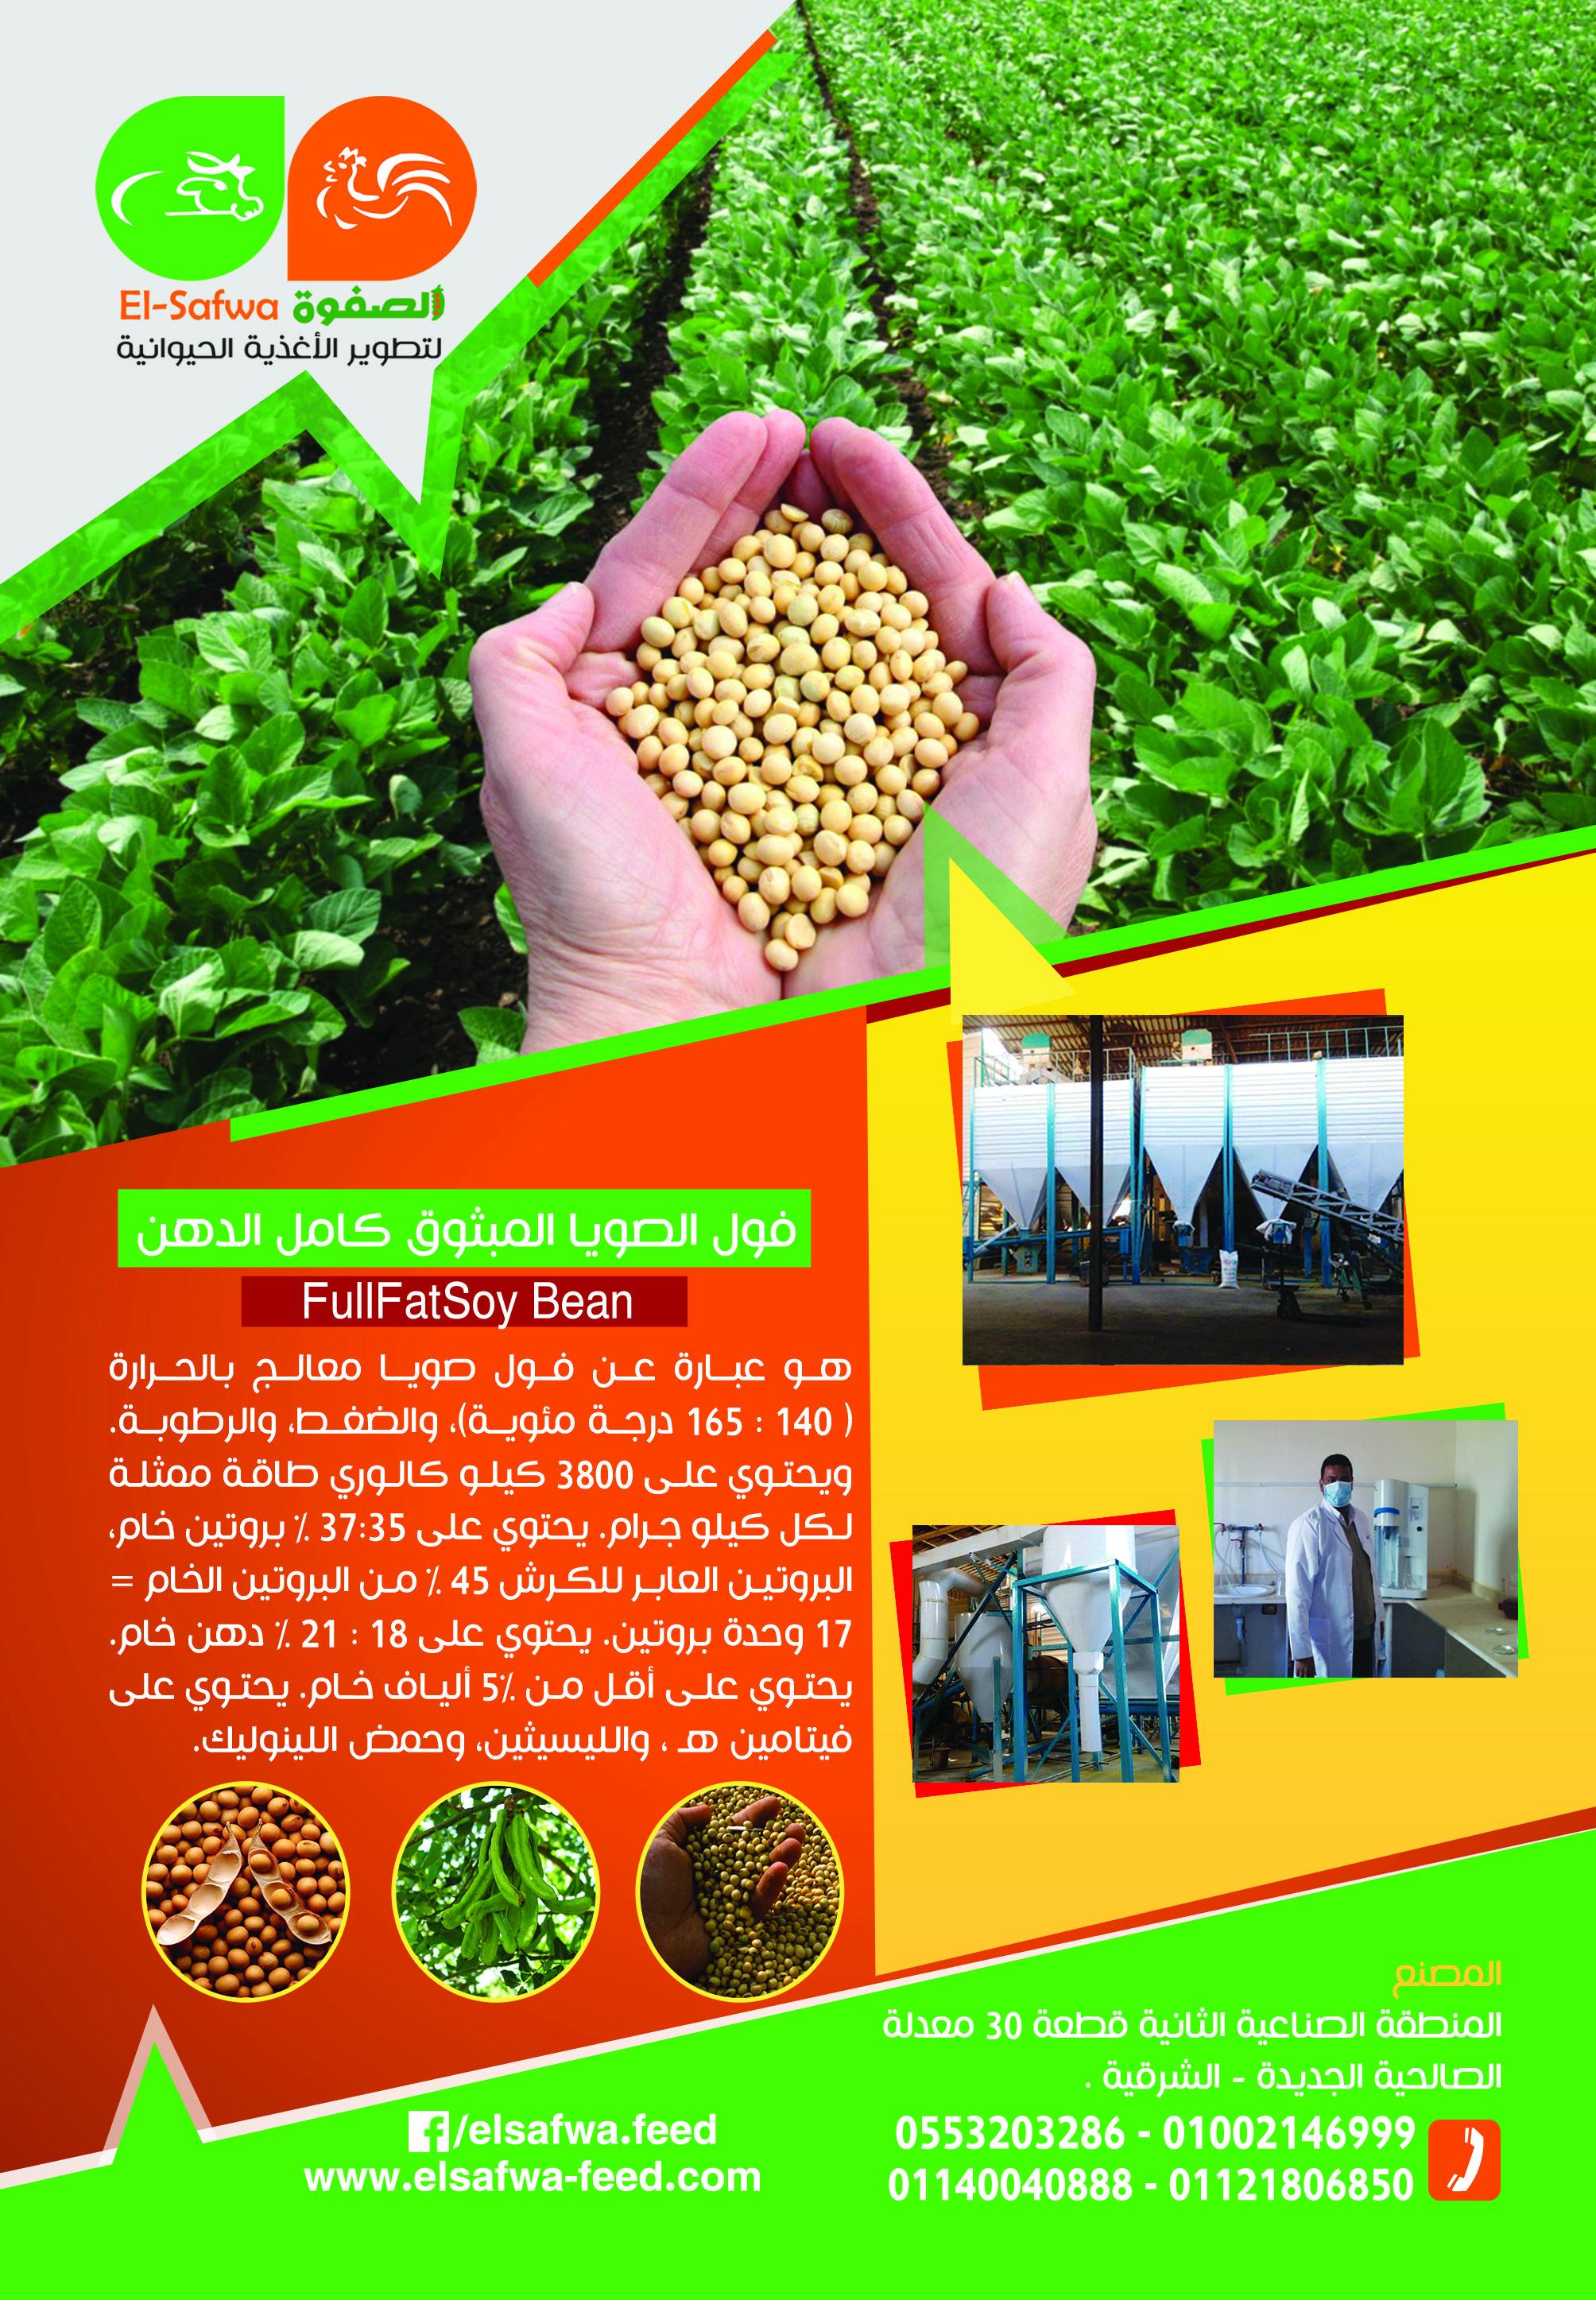 الصفوة لتطوير الأغذية الحيوانية من أكبر مصانع الأعلاف فول الصويا المبثوق كامل الدهن يتخصص المصنع فى إنتاج منتجات الصويا المطورة والمحورة ب Beans Wic 45th